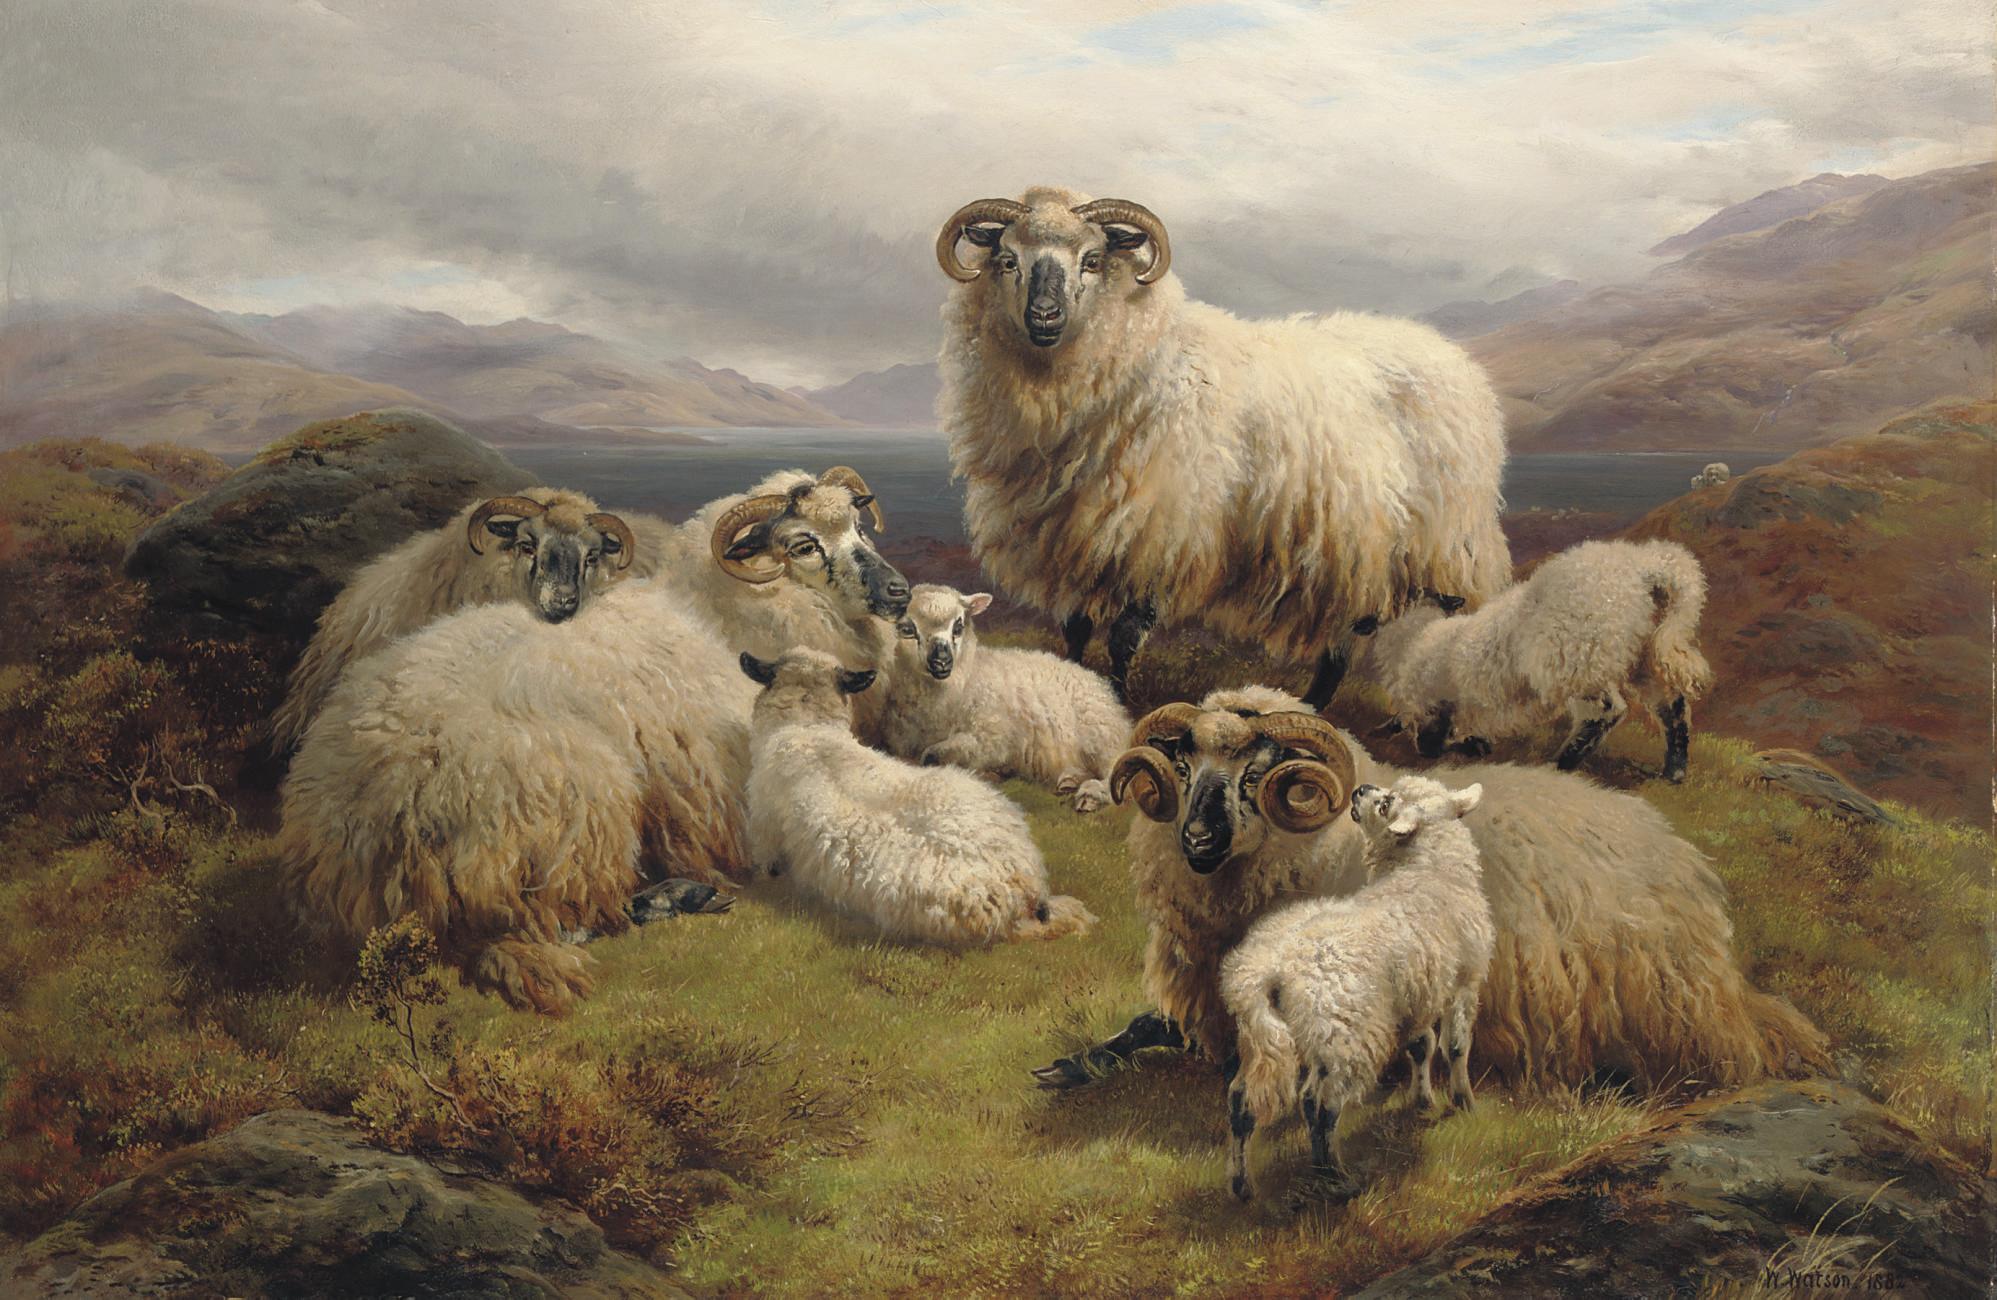 Sheep grazing by a loch